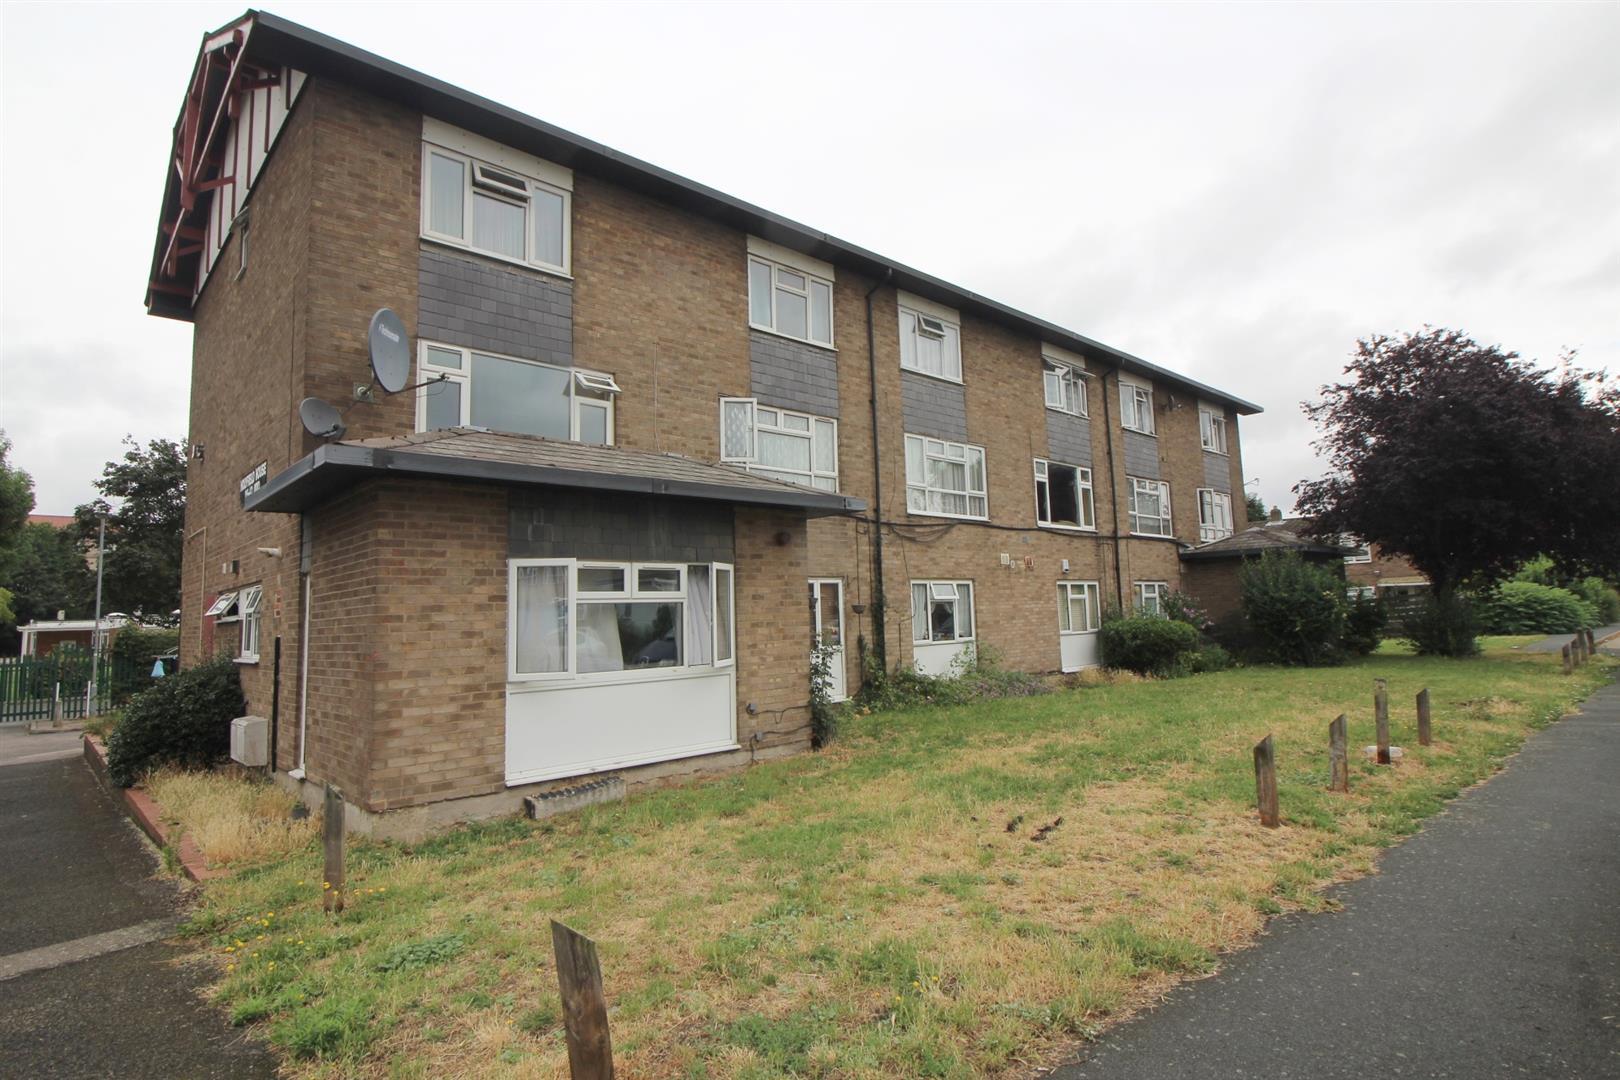 Longcroft Drive, Waltham Cross, Herts, EN8